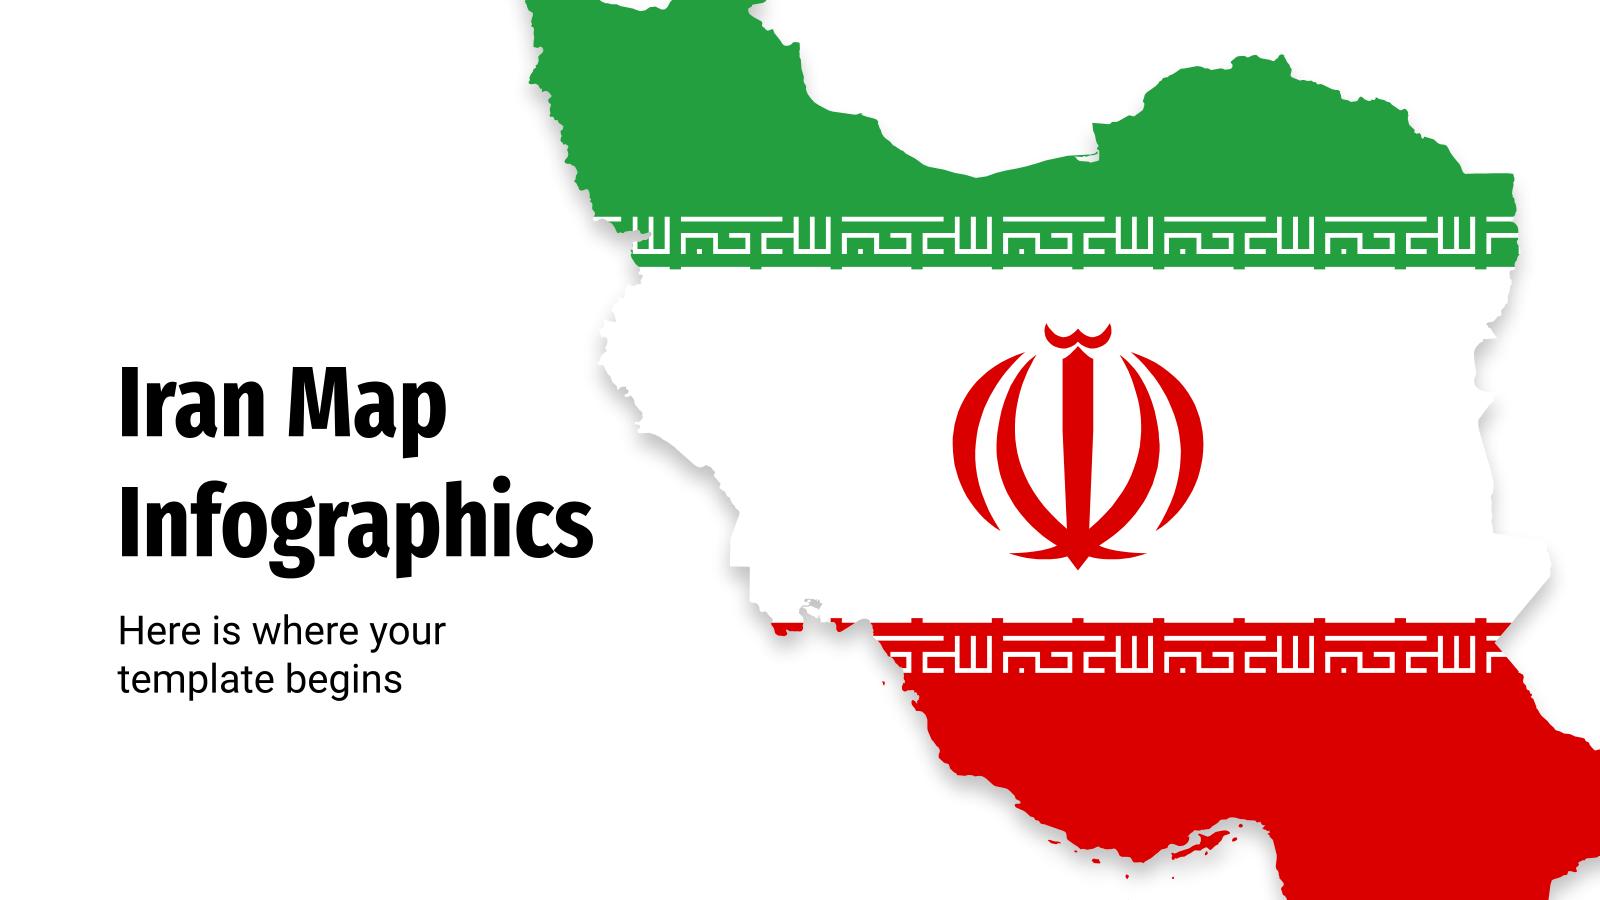 Cartes infographiques de l'Iran : Modèles de présentation